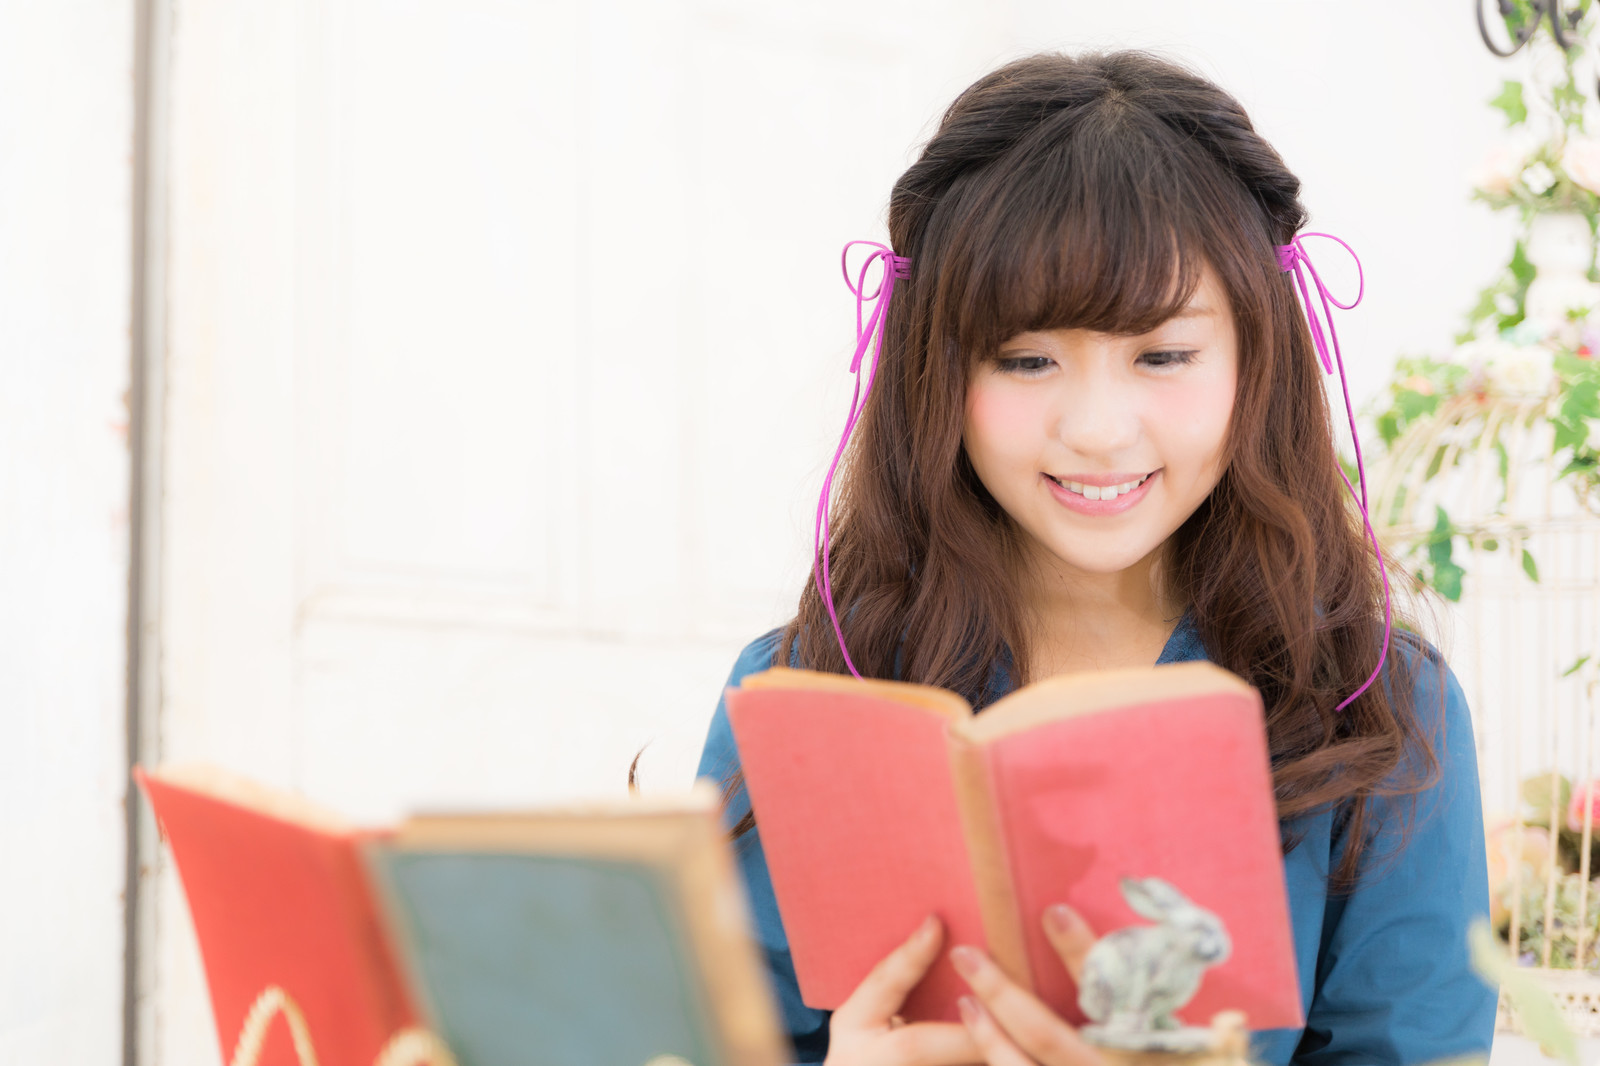 「読書好き女子 | 写真の無料素材・フリー素材 - ぱくたそ」の写真[モデル:河村友歌]